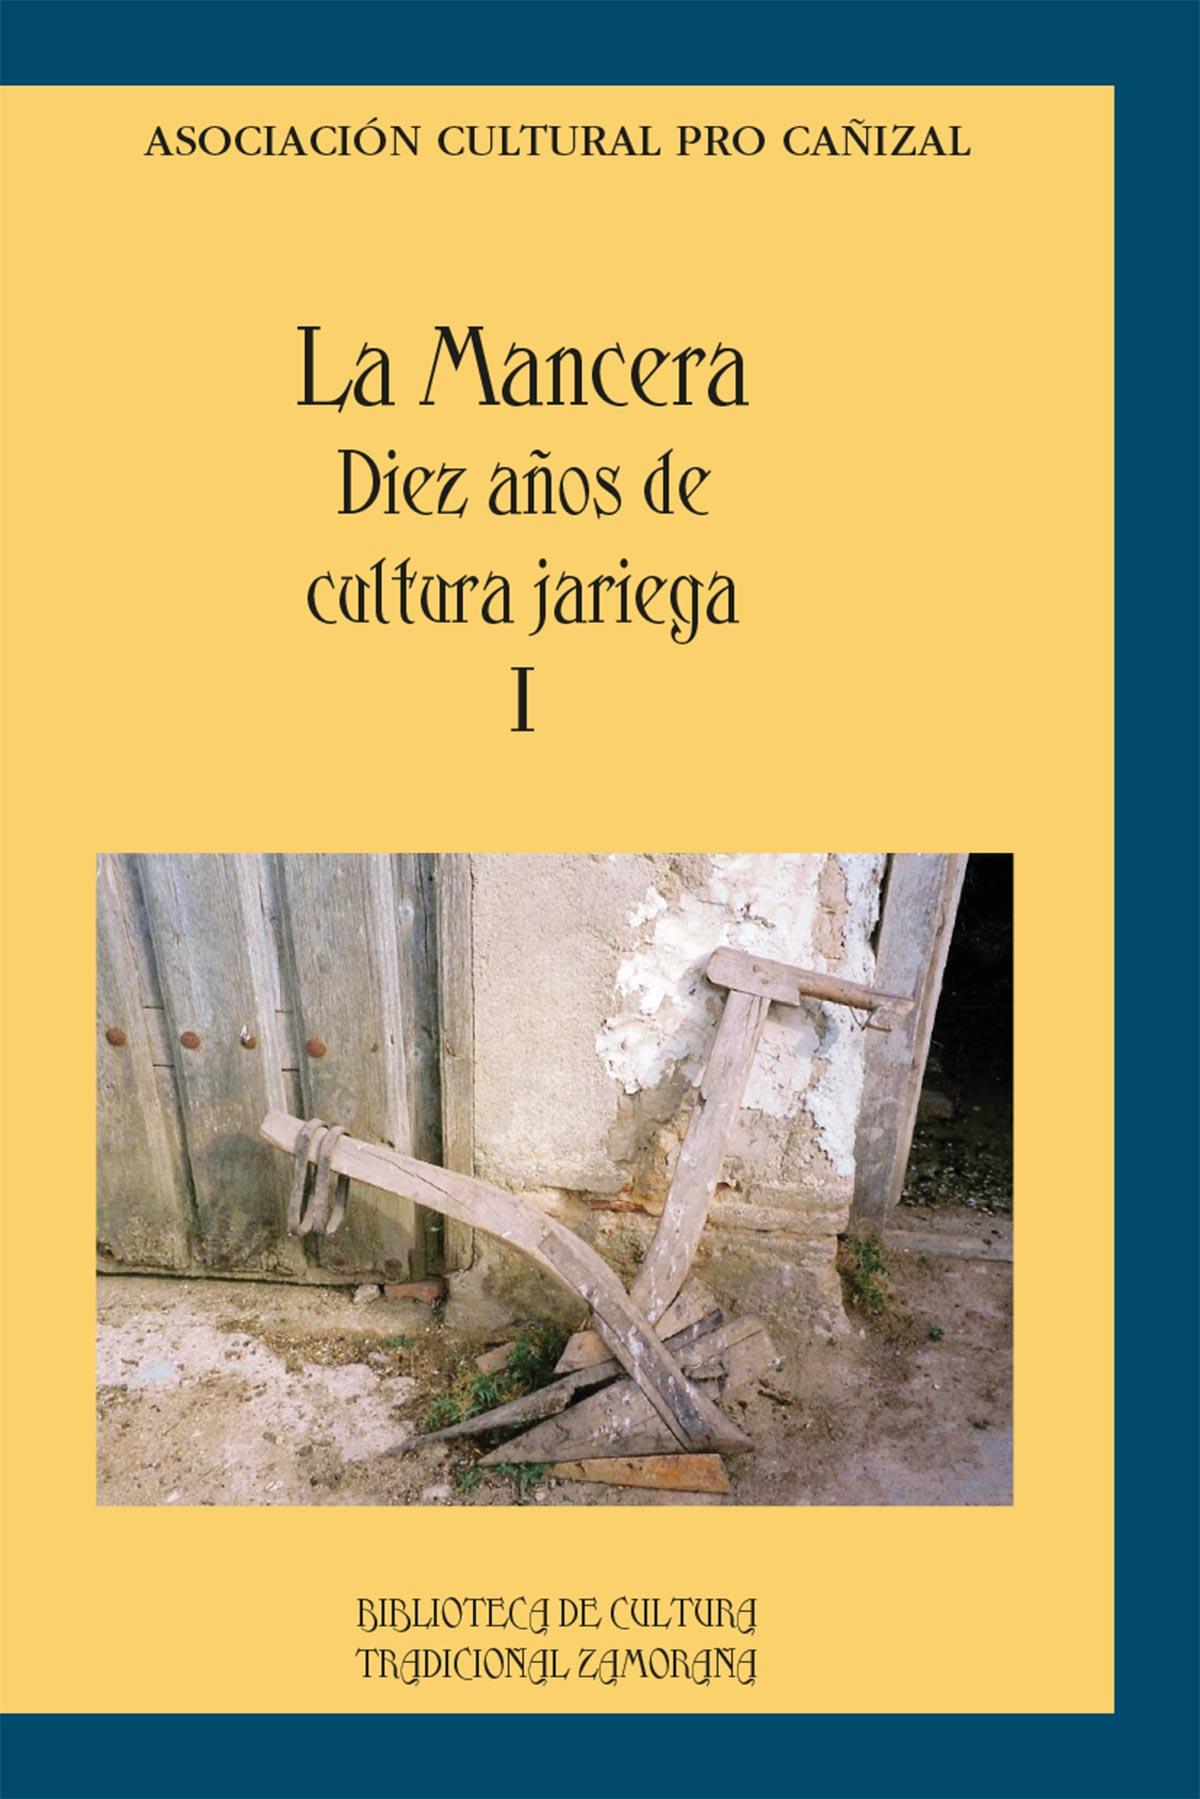 Mancera diez años cultura jariega Asociación cultural pro cañizal Librería Editorial Semuret